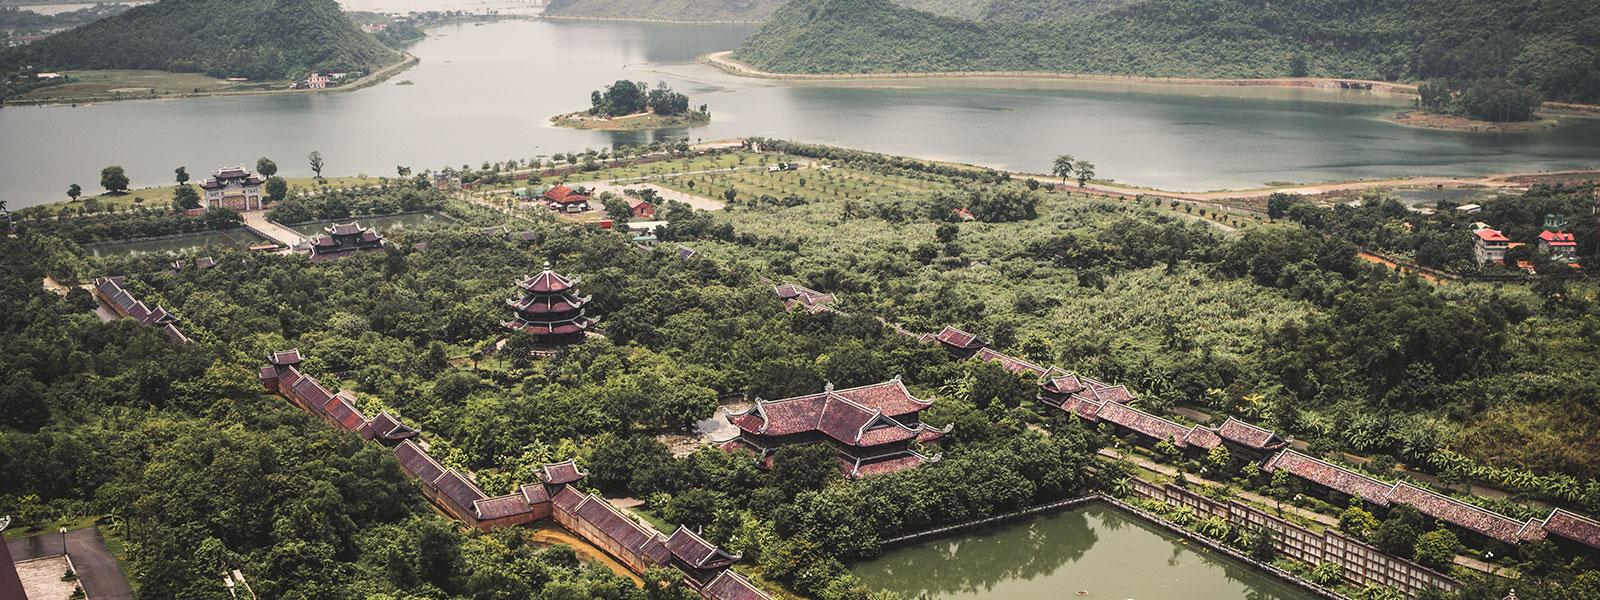 City in Vietnam